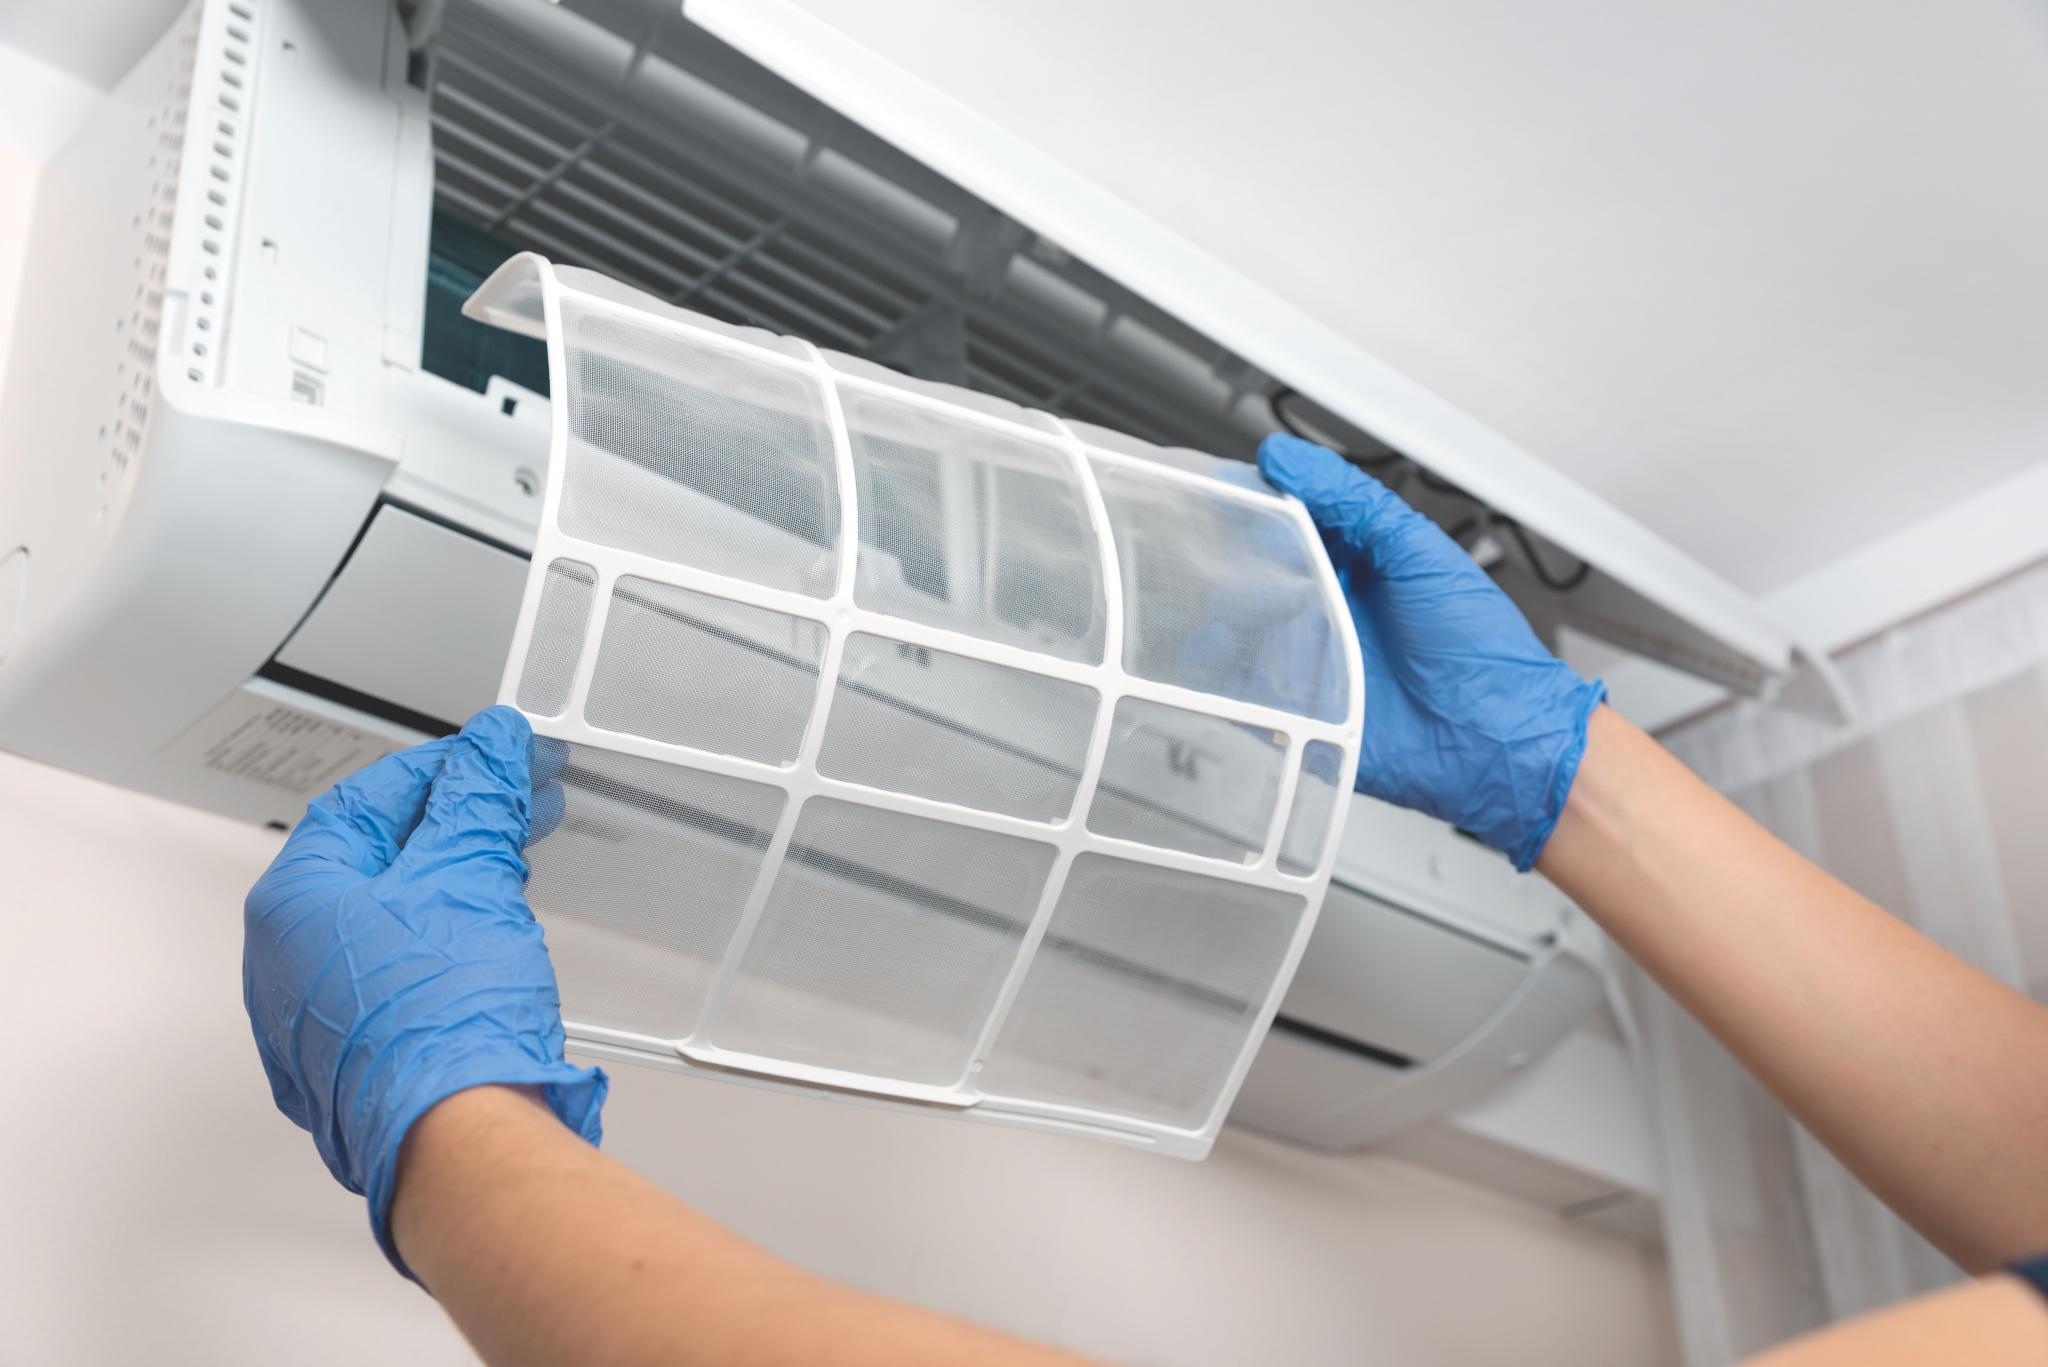 Eine fachgerechte Wartung inklusive Reinigung kann die Partikellast auch von Viren in der Luft deutlich reduzieren.